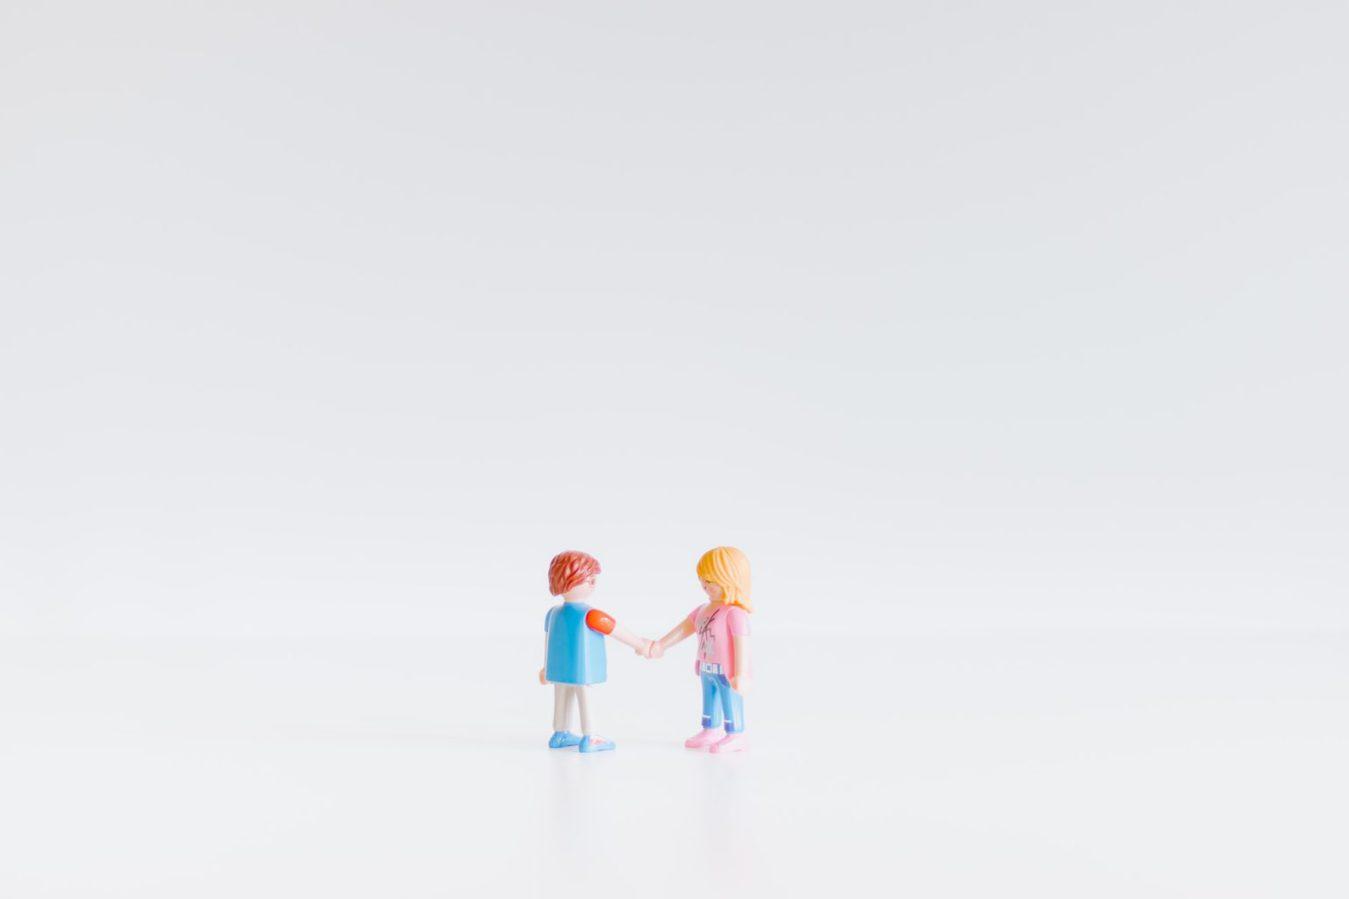 Twee speelgoedfiguurtjes die handen schudden